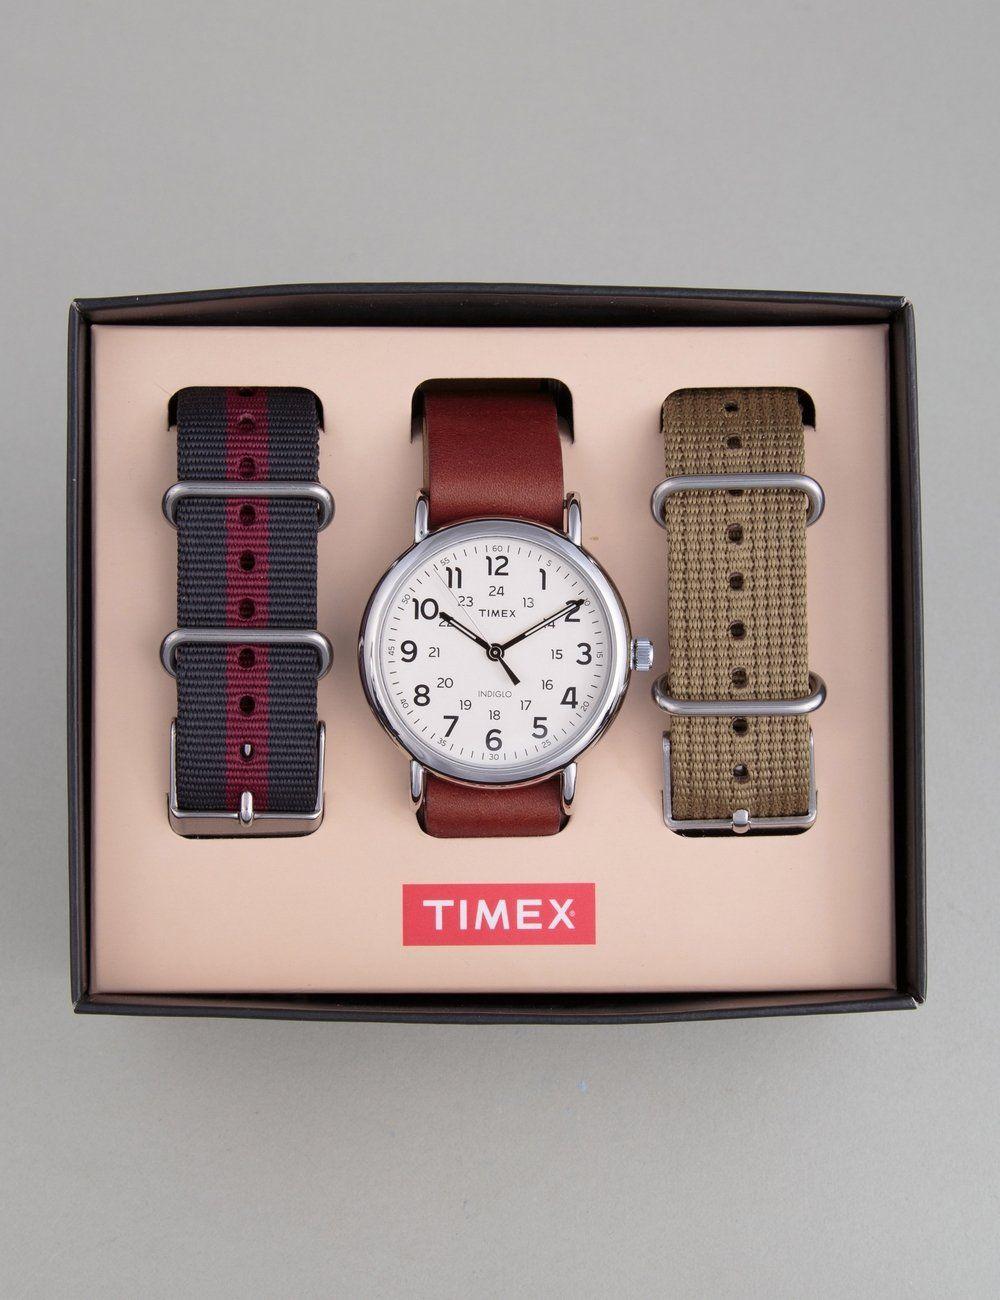 die besten 25 timex uhren ideen auf pinterest armbanduhr geniale uhren und uhren herren leder. Black Bedroom Furniture Sets. Home Design Ideas